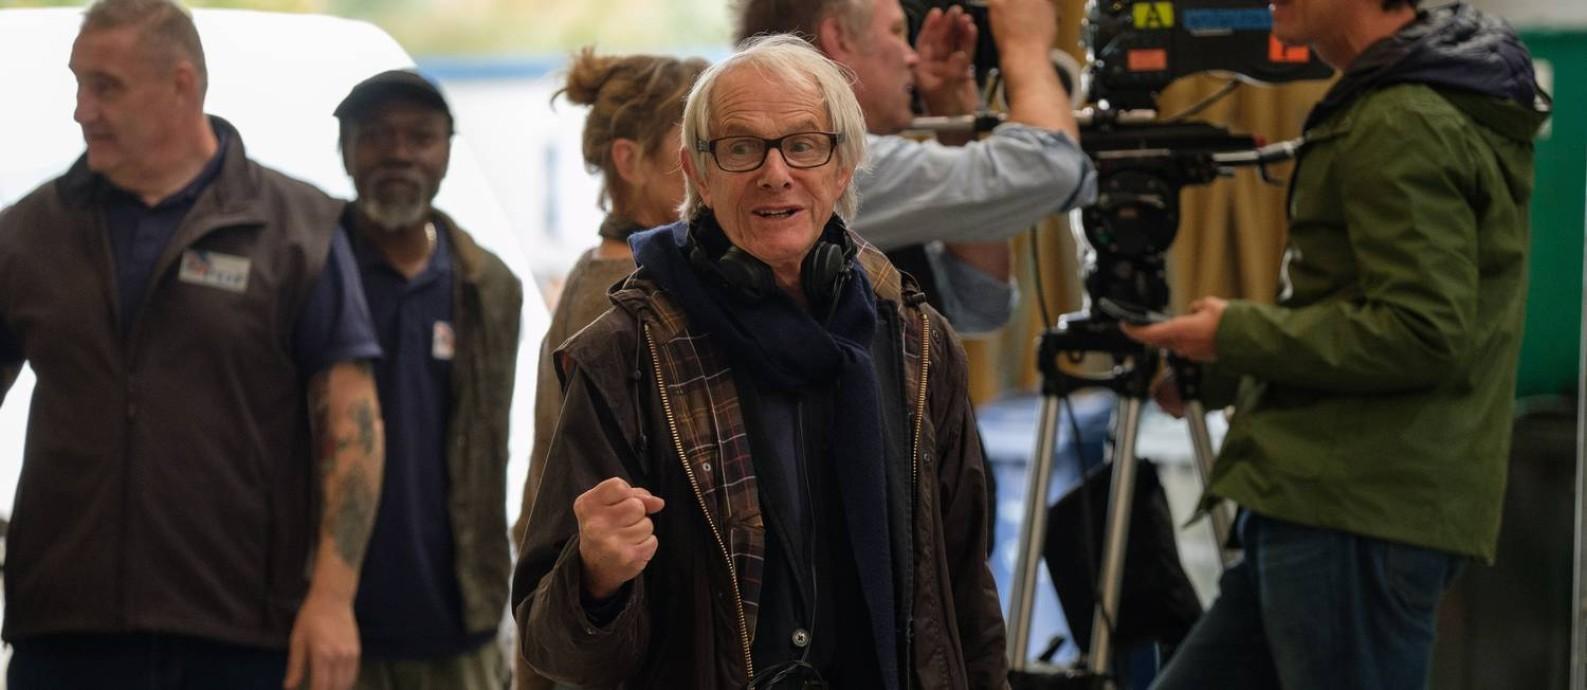 Ken Loach no set de 'Você não estava aqui': diretor quis dar continuidade a questões discutidas em 'Eu, Daniel Blake', premiado em Cannes em 2016 Foto: Joss Barratt / Divulgação